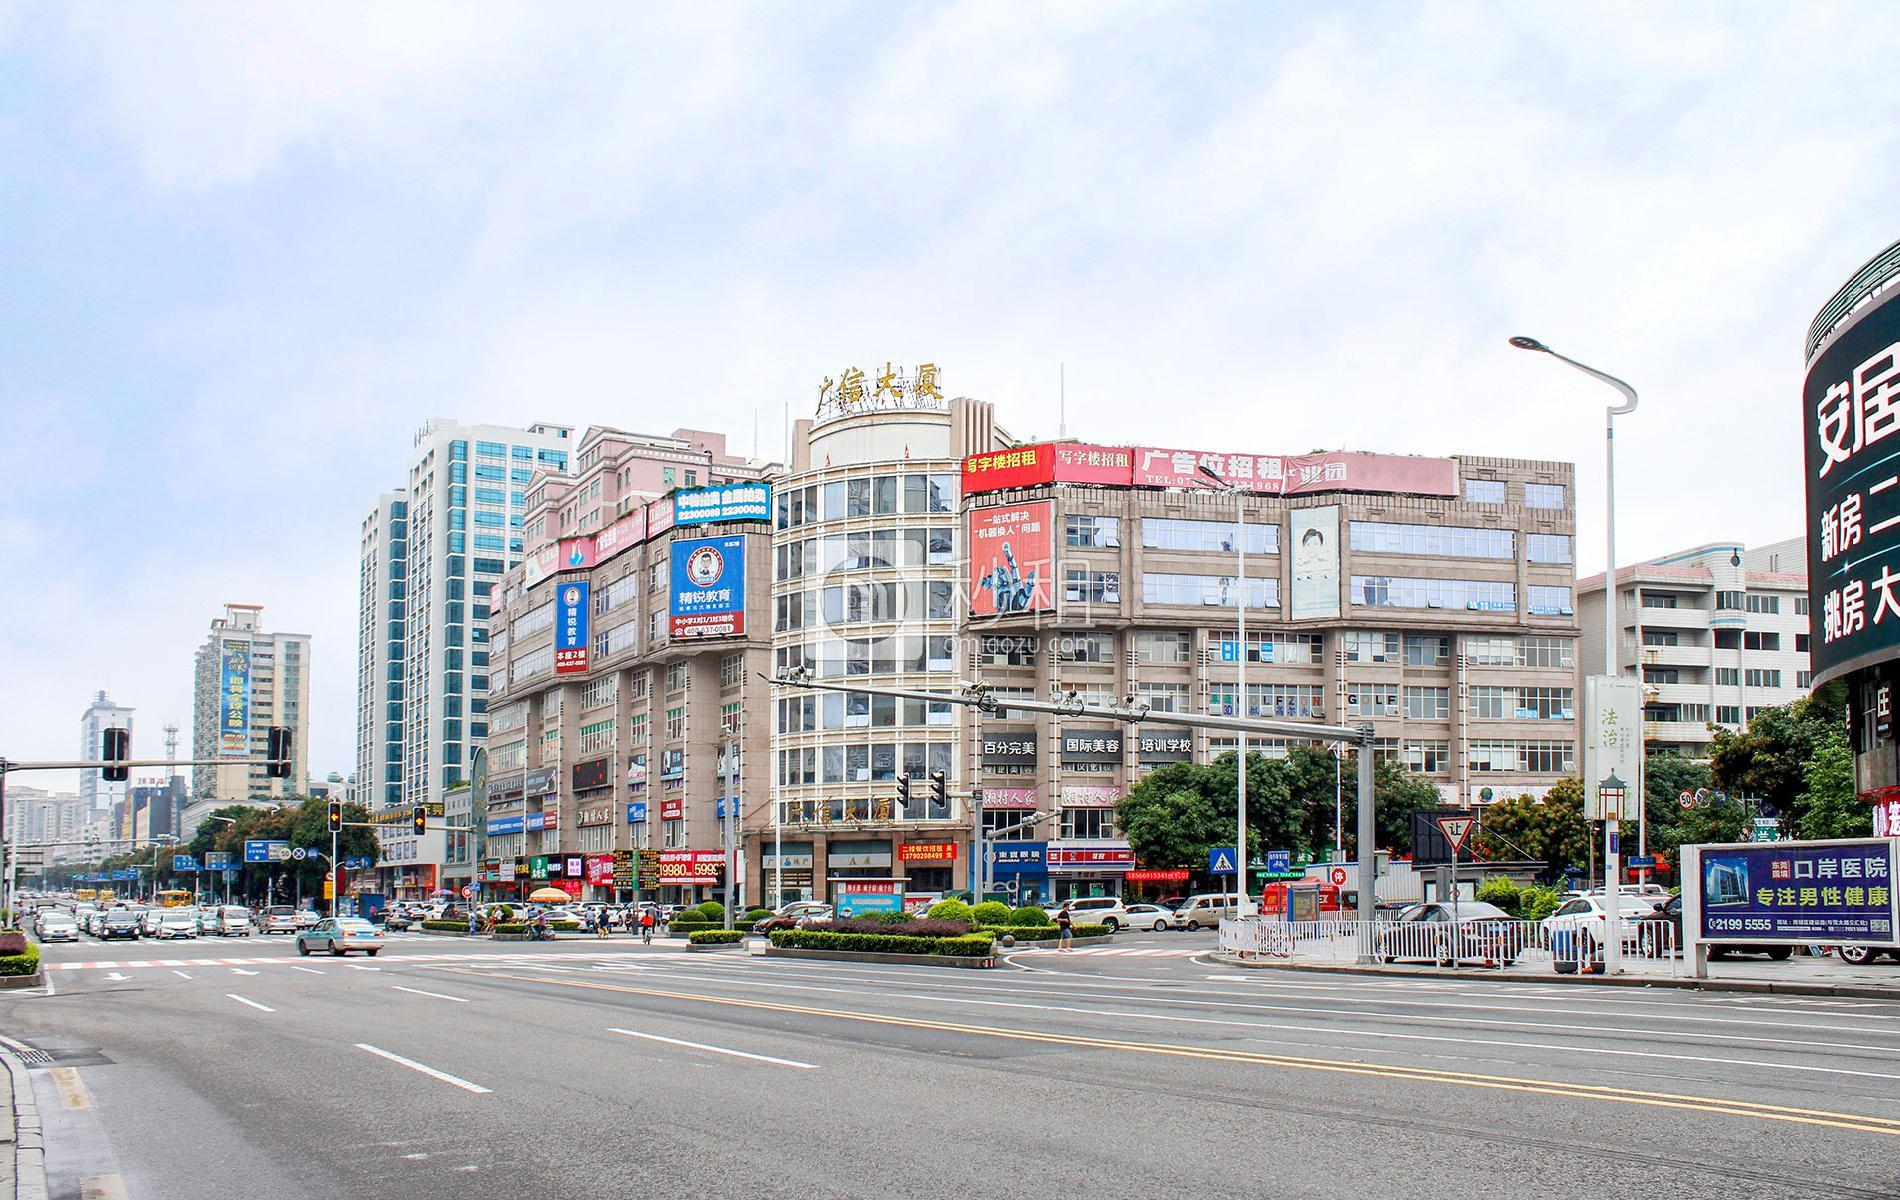 广信大厦写字楼出租/招租/租赁,广信大厦办公室出租/招租/租赁